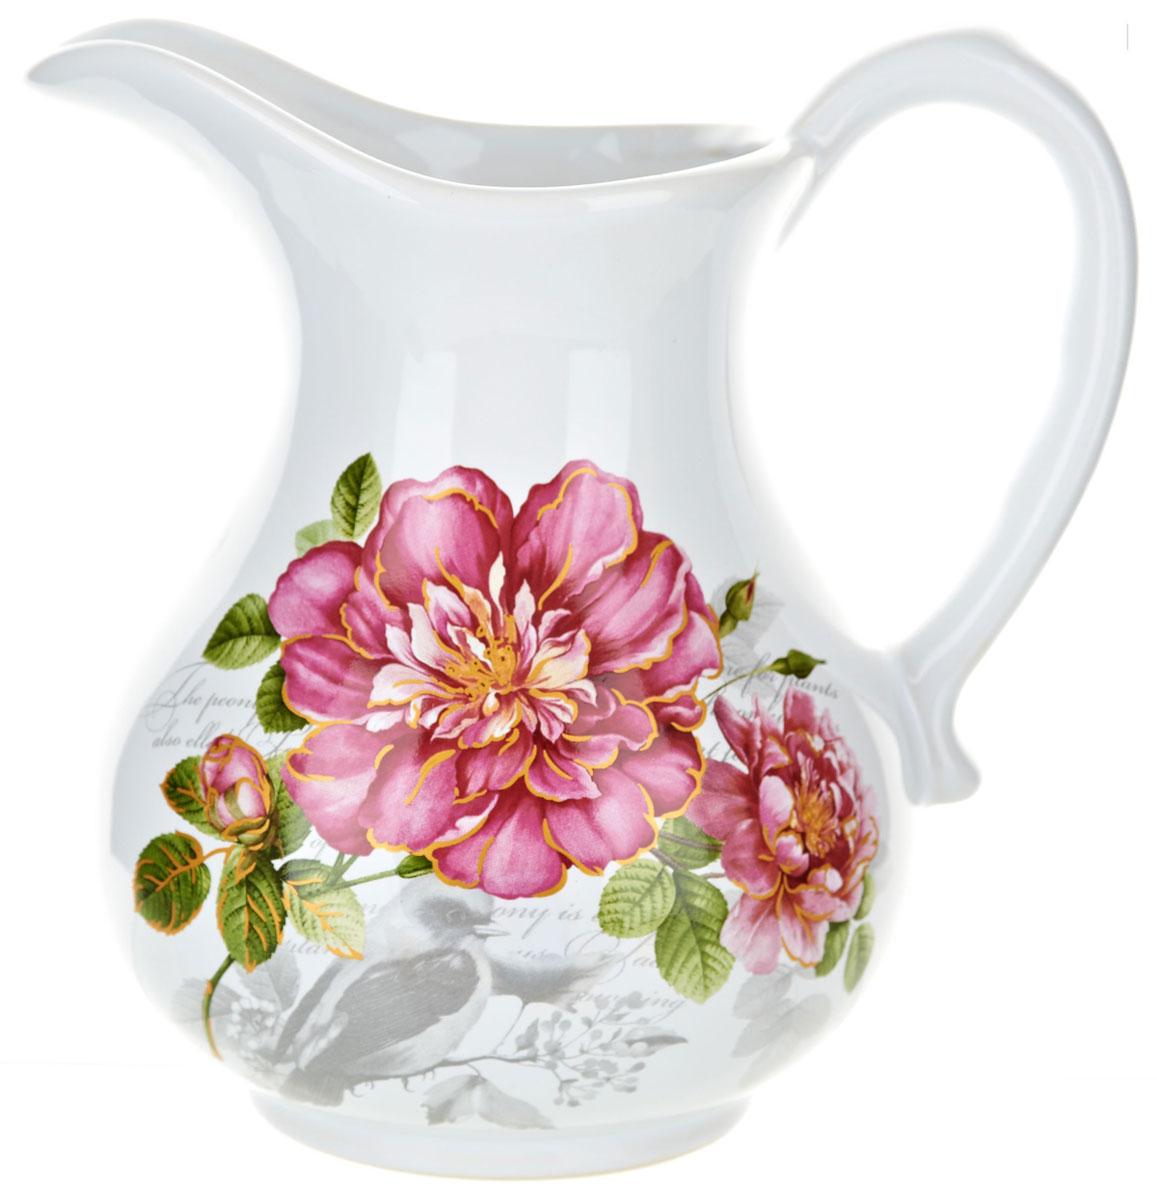 Кувшин ENS Group Райский сад, 1,2 лVT-1520(SR)Кувшин Райский сад изготовлен из высококачественной керамики с изящным рисунком. Кувшин оснащен удобной ручкой. Прекрасно подходит для подачи воды, сока, компота и других напитков. Изящный кувшин красиво оформит стол и порадует вас элегантным дизайном и простотой ухода.